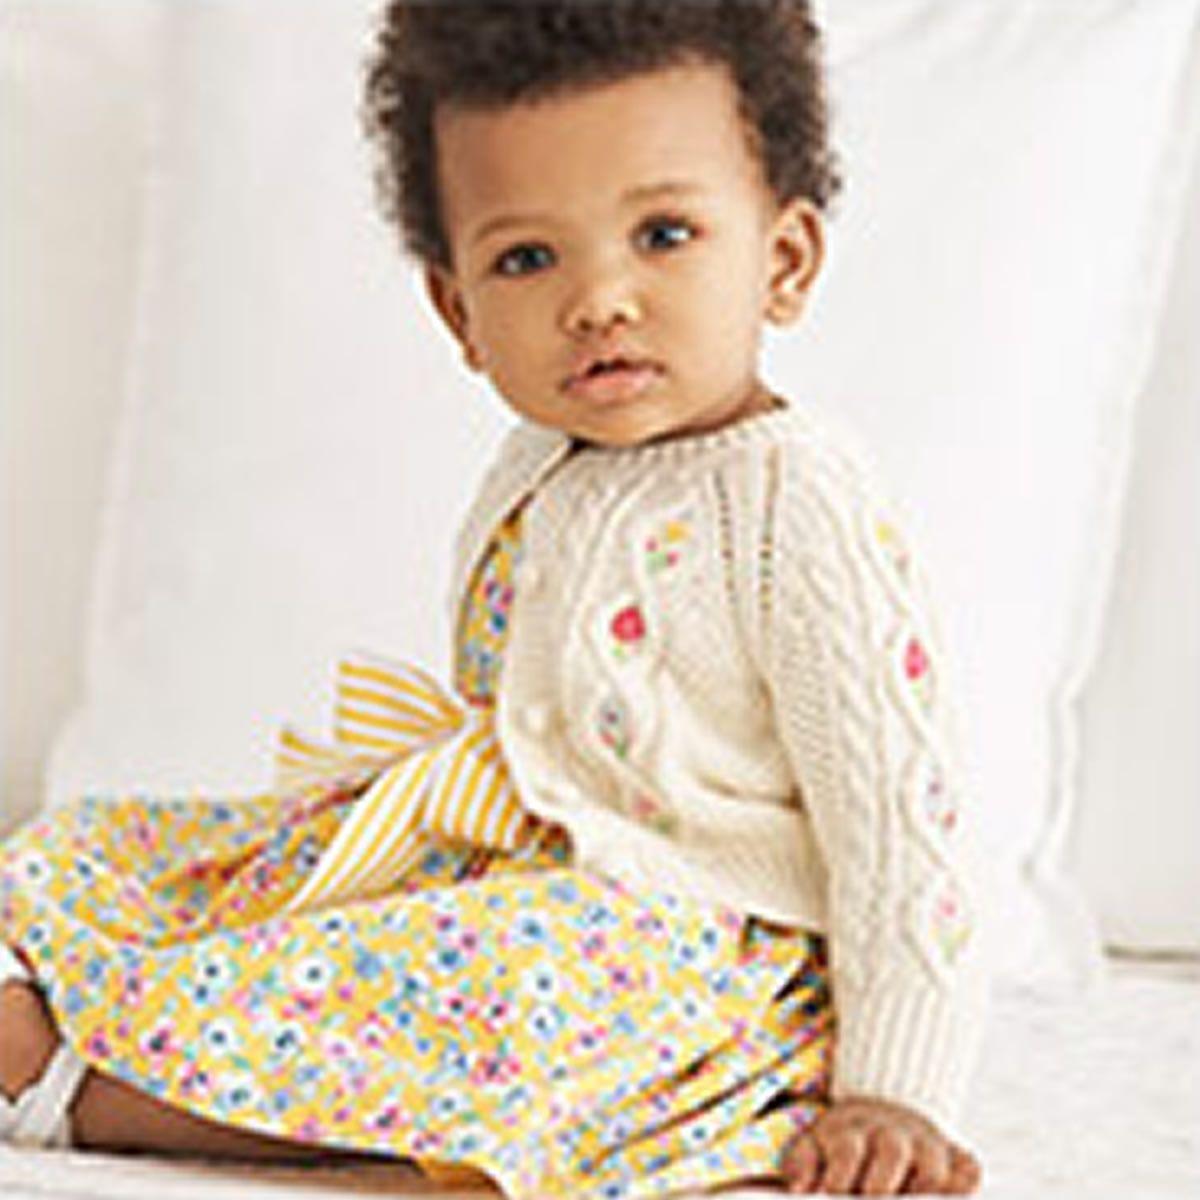 Ralph Lauren Kids Clothing - Macys-5540